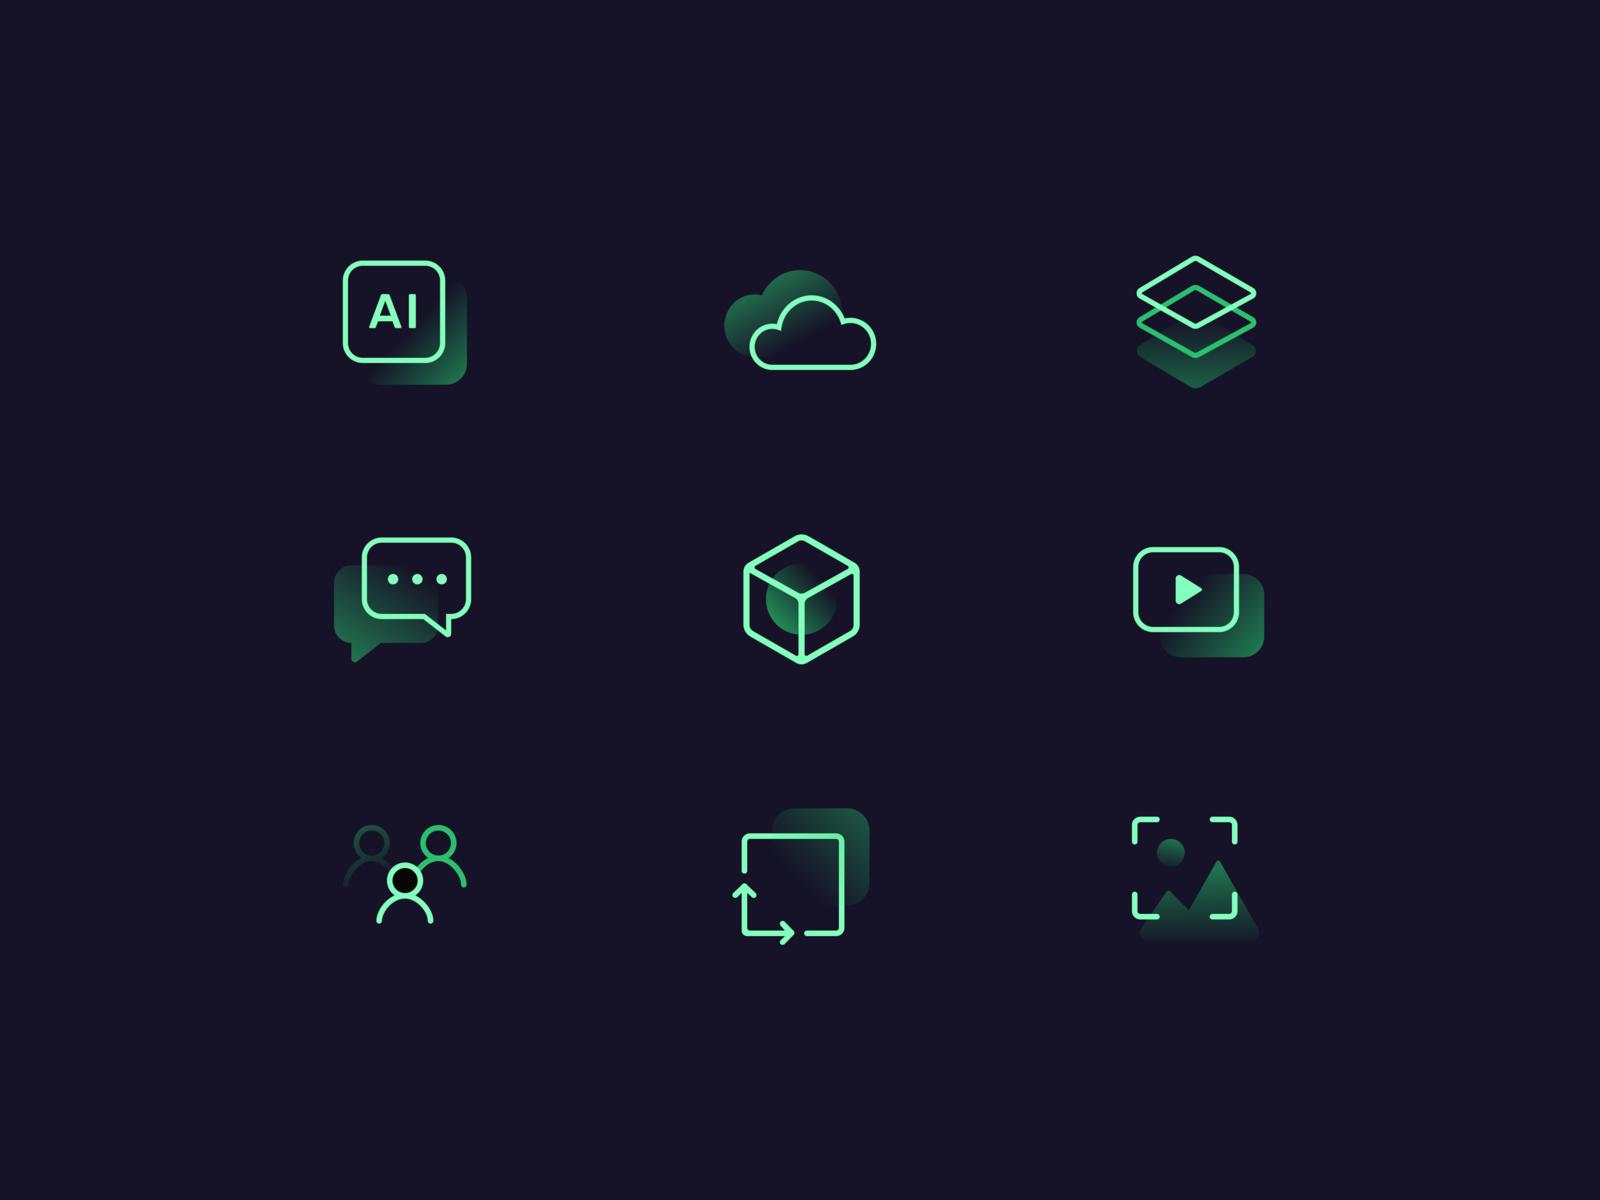 Neon icons by Anastasiya for Synesis on Dribbble